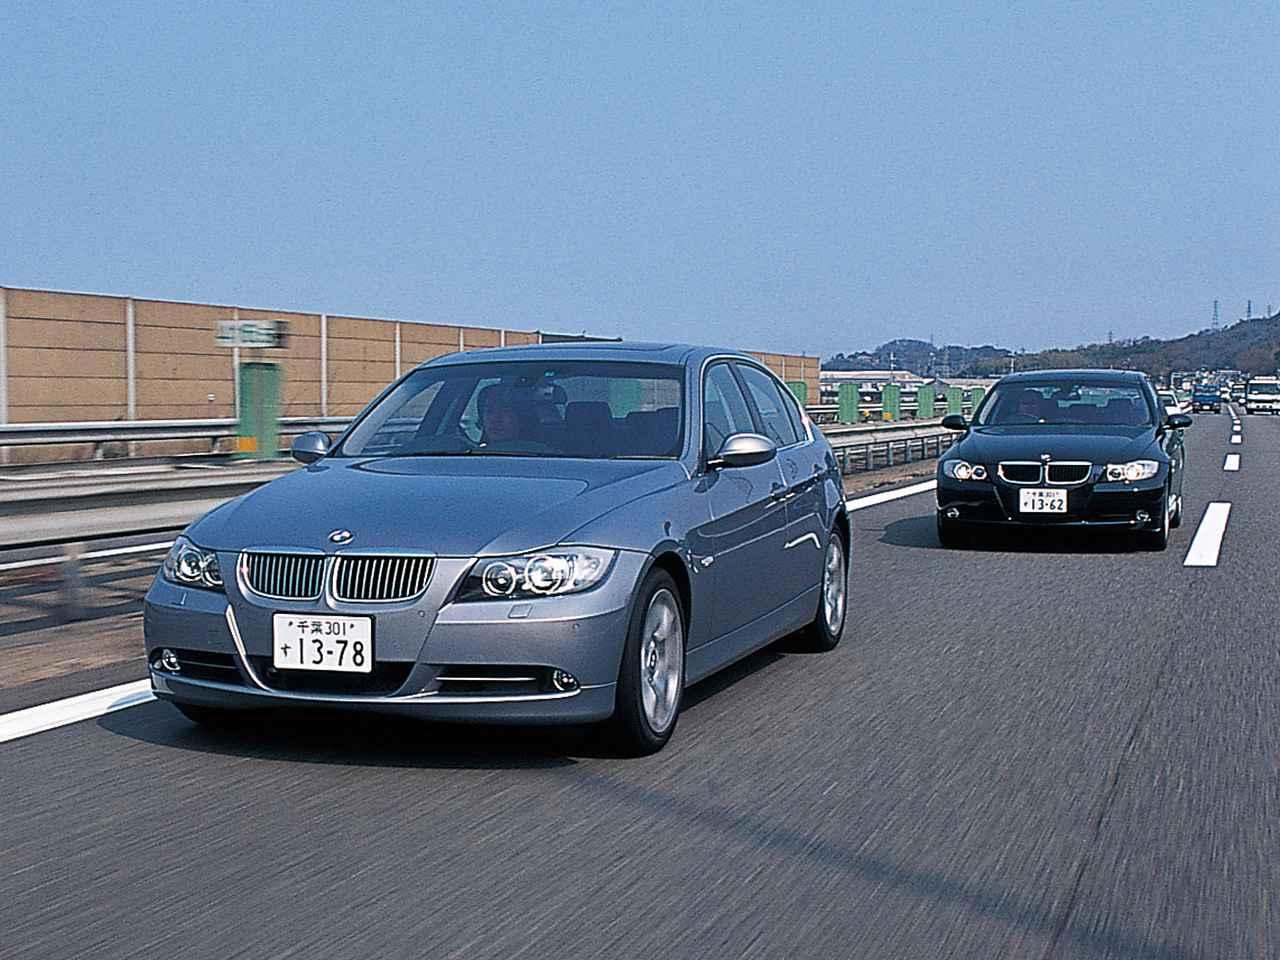 【ヒットの法則30】1200kmのロングツーリングで味わった5代目E90型BMW 3シリーズの万能性